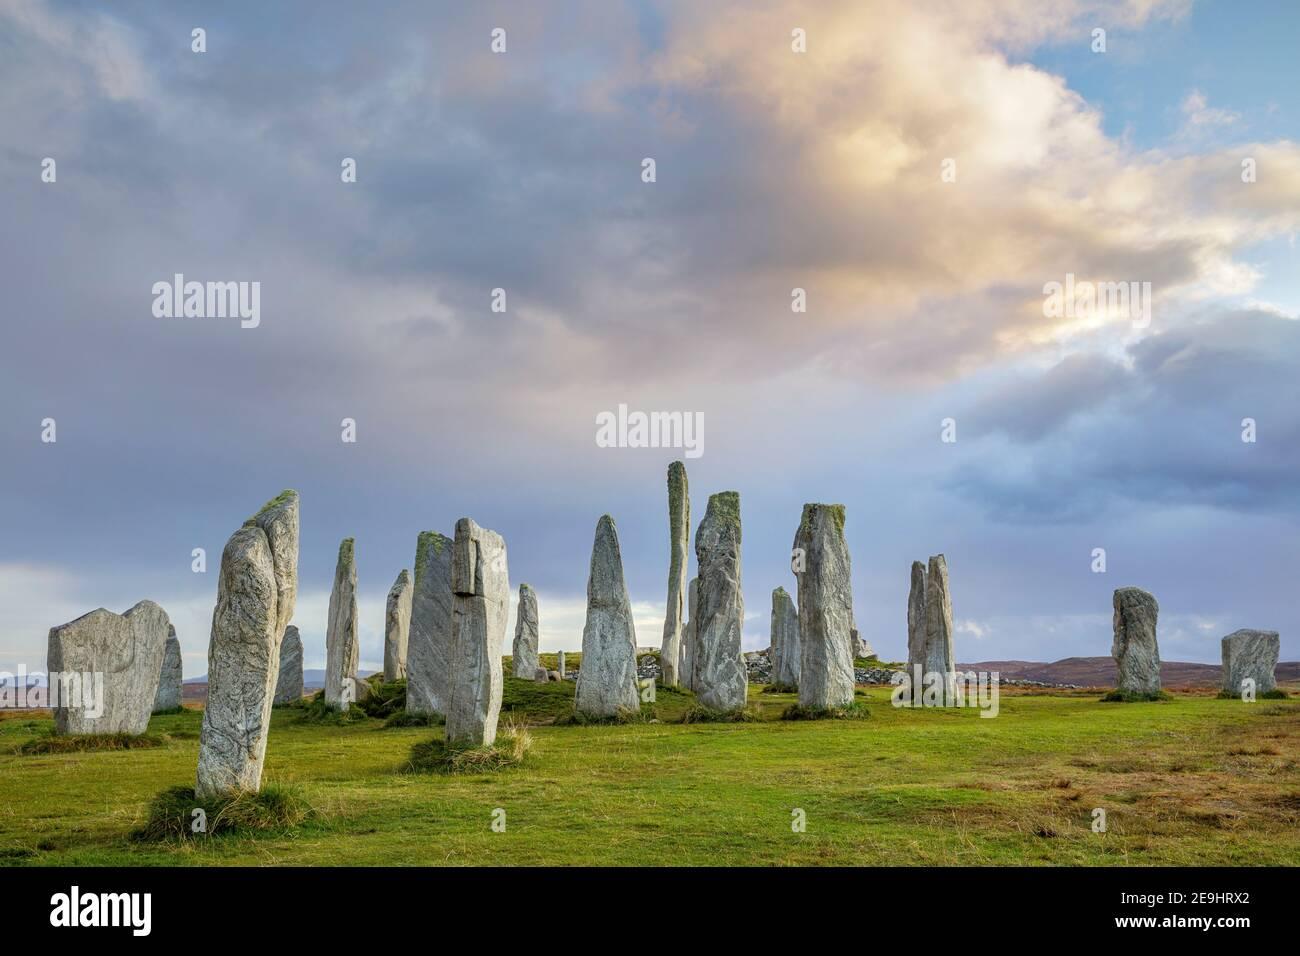 Isle of Lewis und Harris, Schottland: Abendlicht bei den Callanish Standing Stones Stockfoto